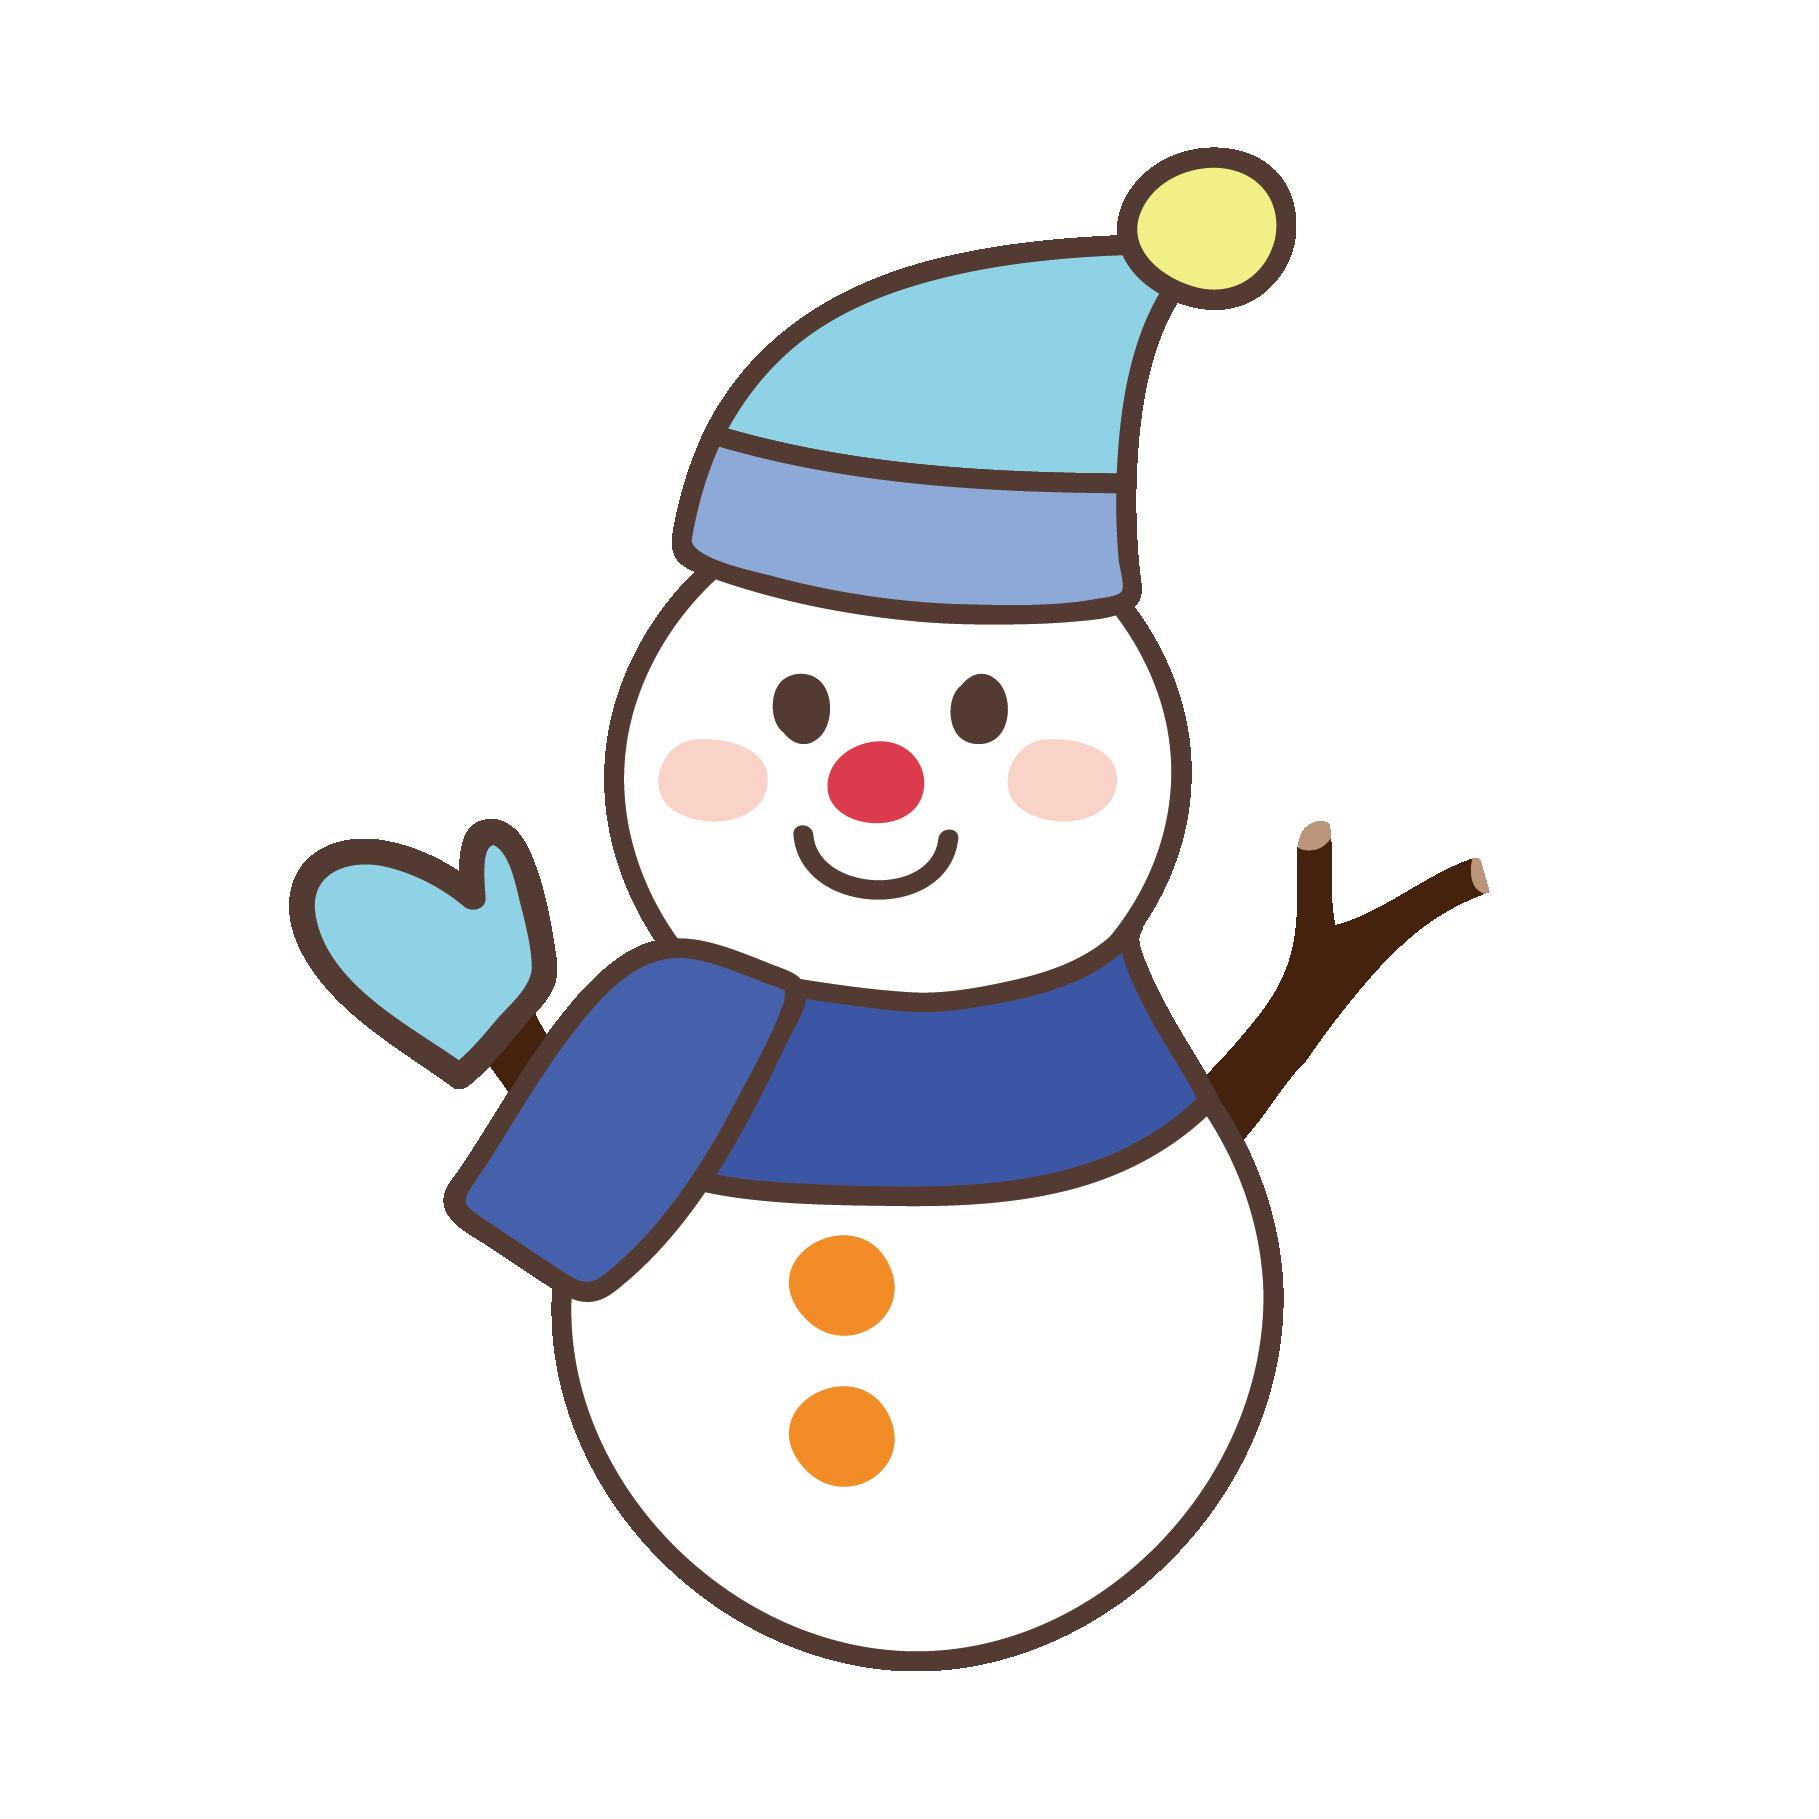 雪だるま イラストにっこりスノーマン 商用フリー無料のイラスト